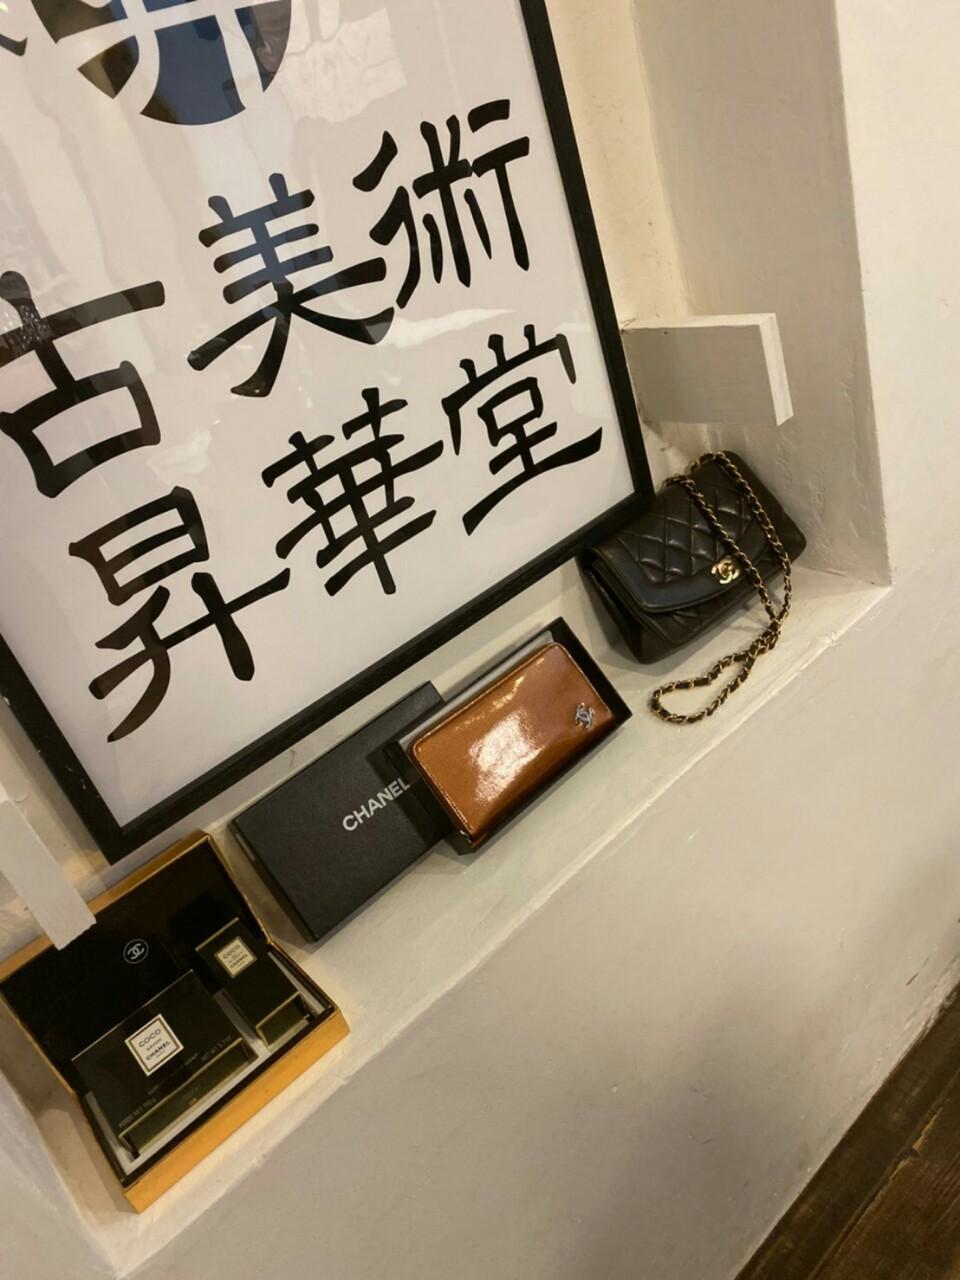 ベストフレンド古美術昇華堂中津川店店舗写真3